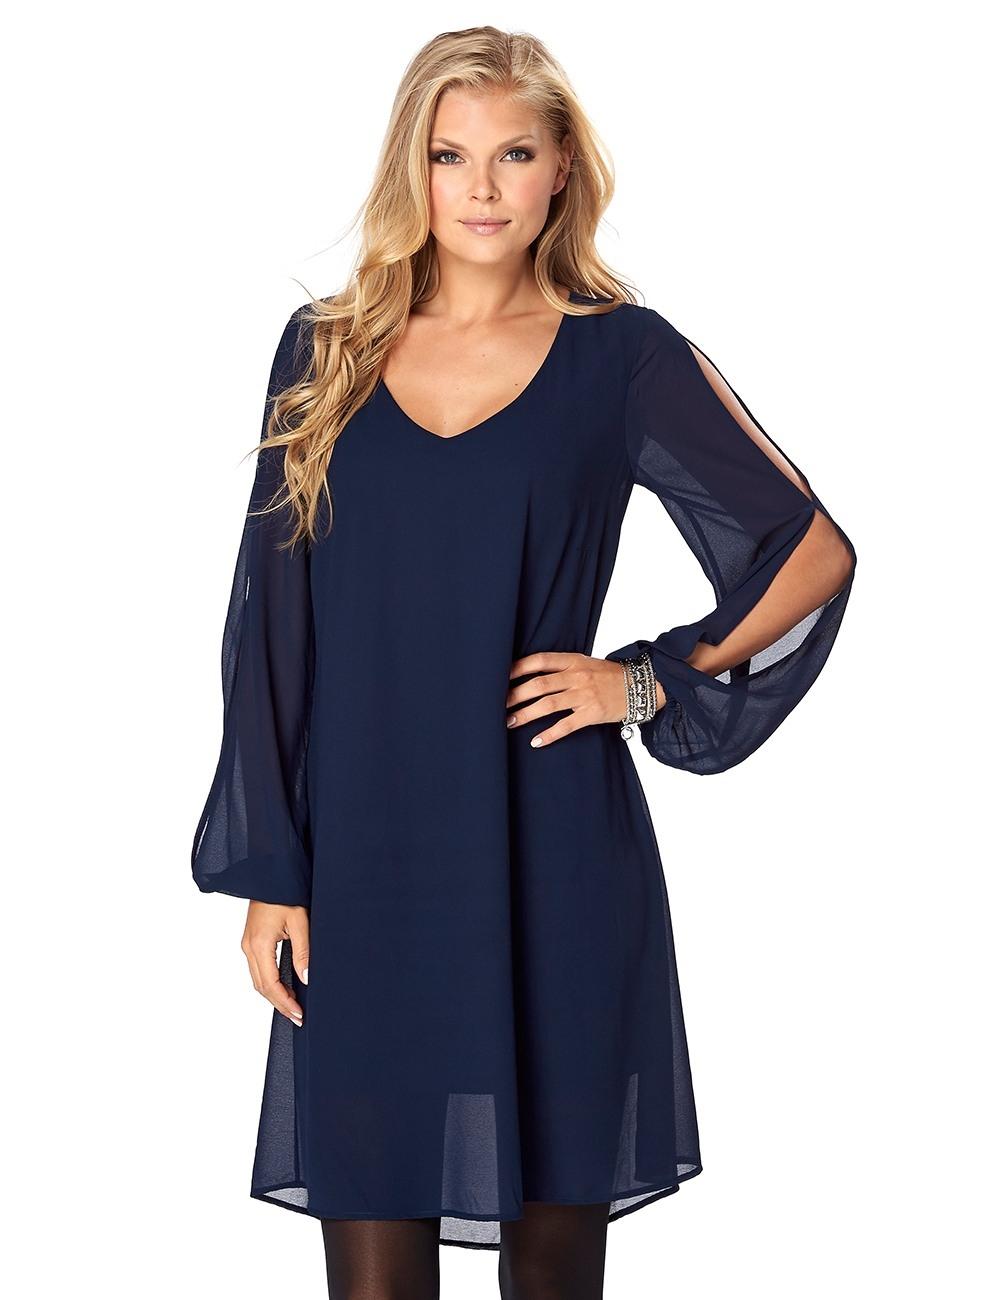 15 Schön Kleider Mit Ärmel Design20 Einzigartig Kleider Mit Ärmel Boutique